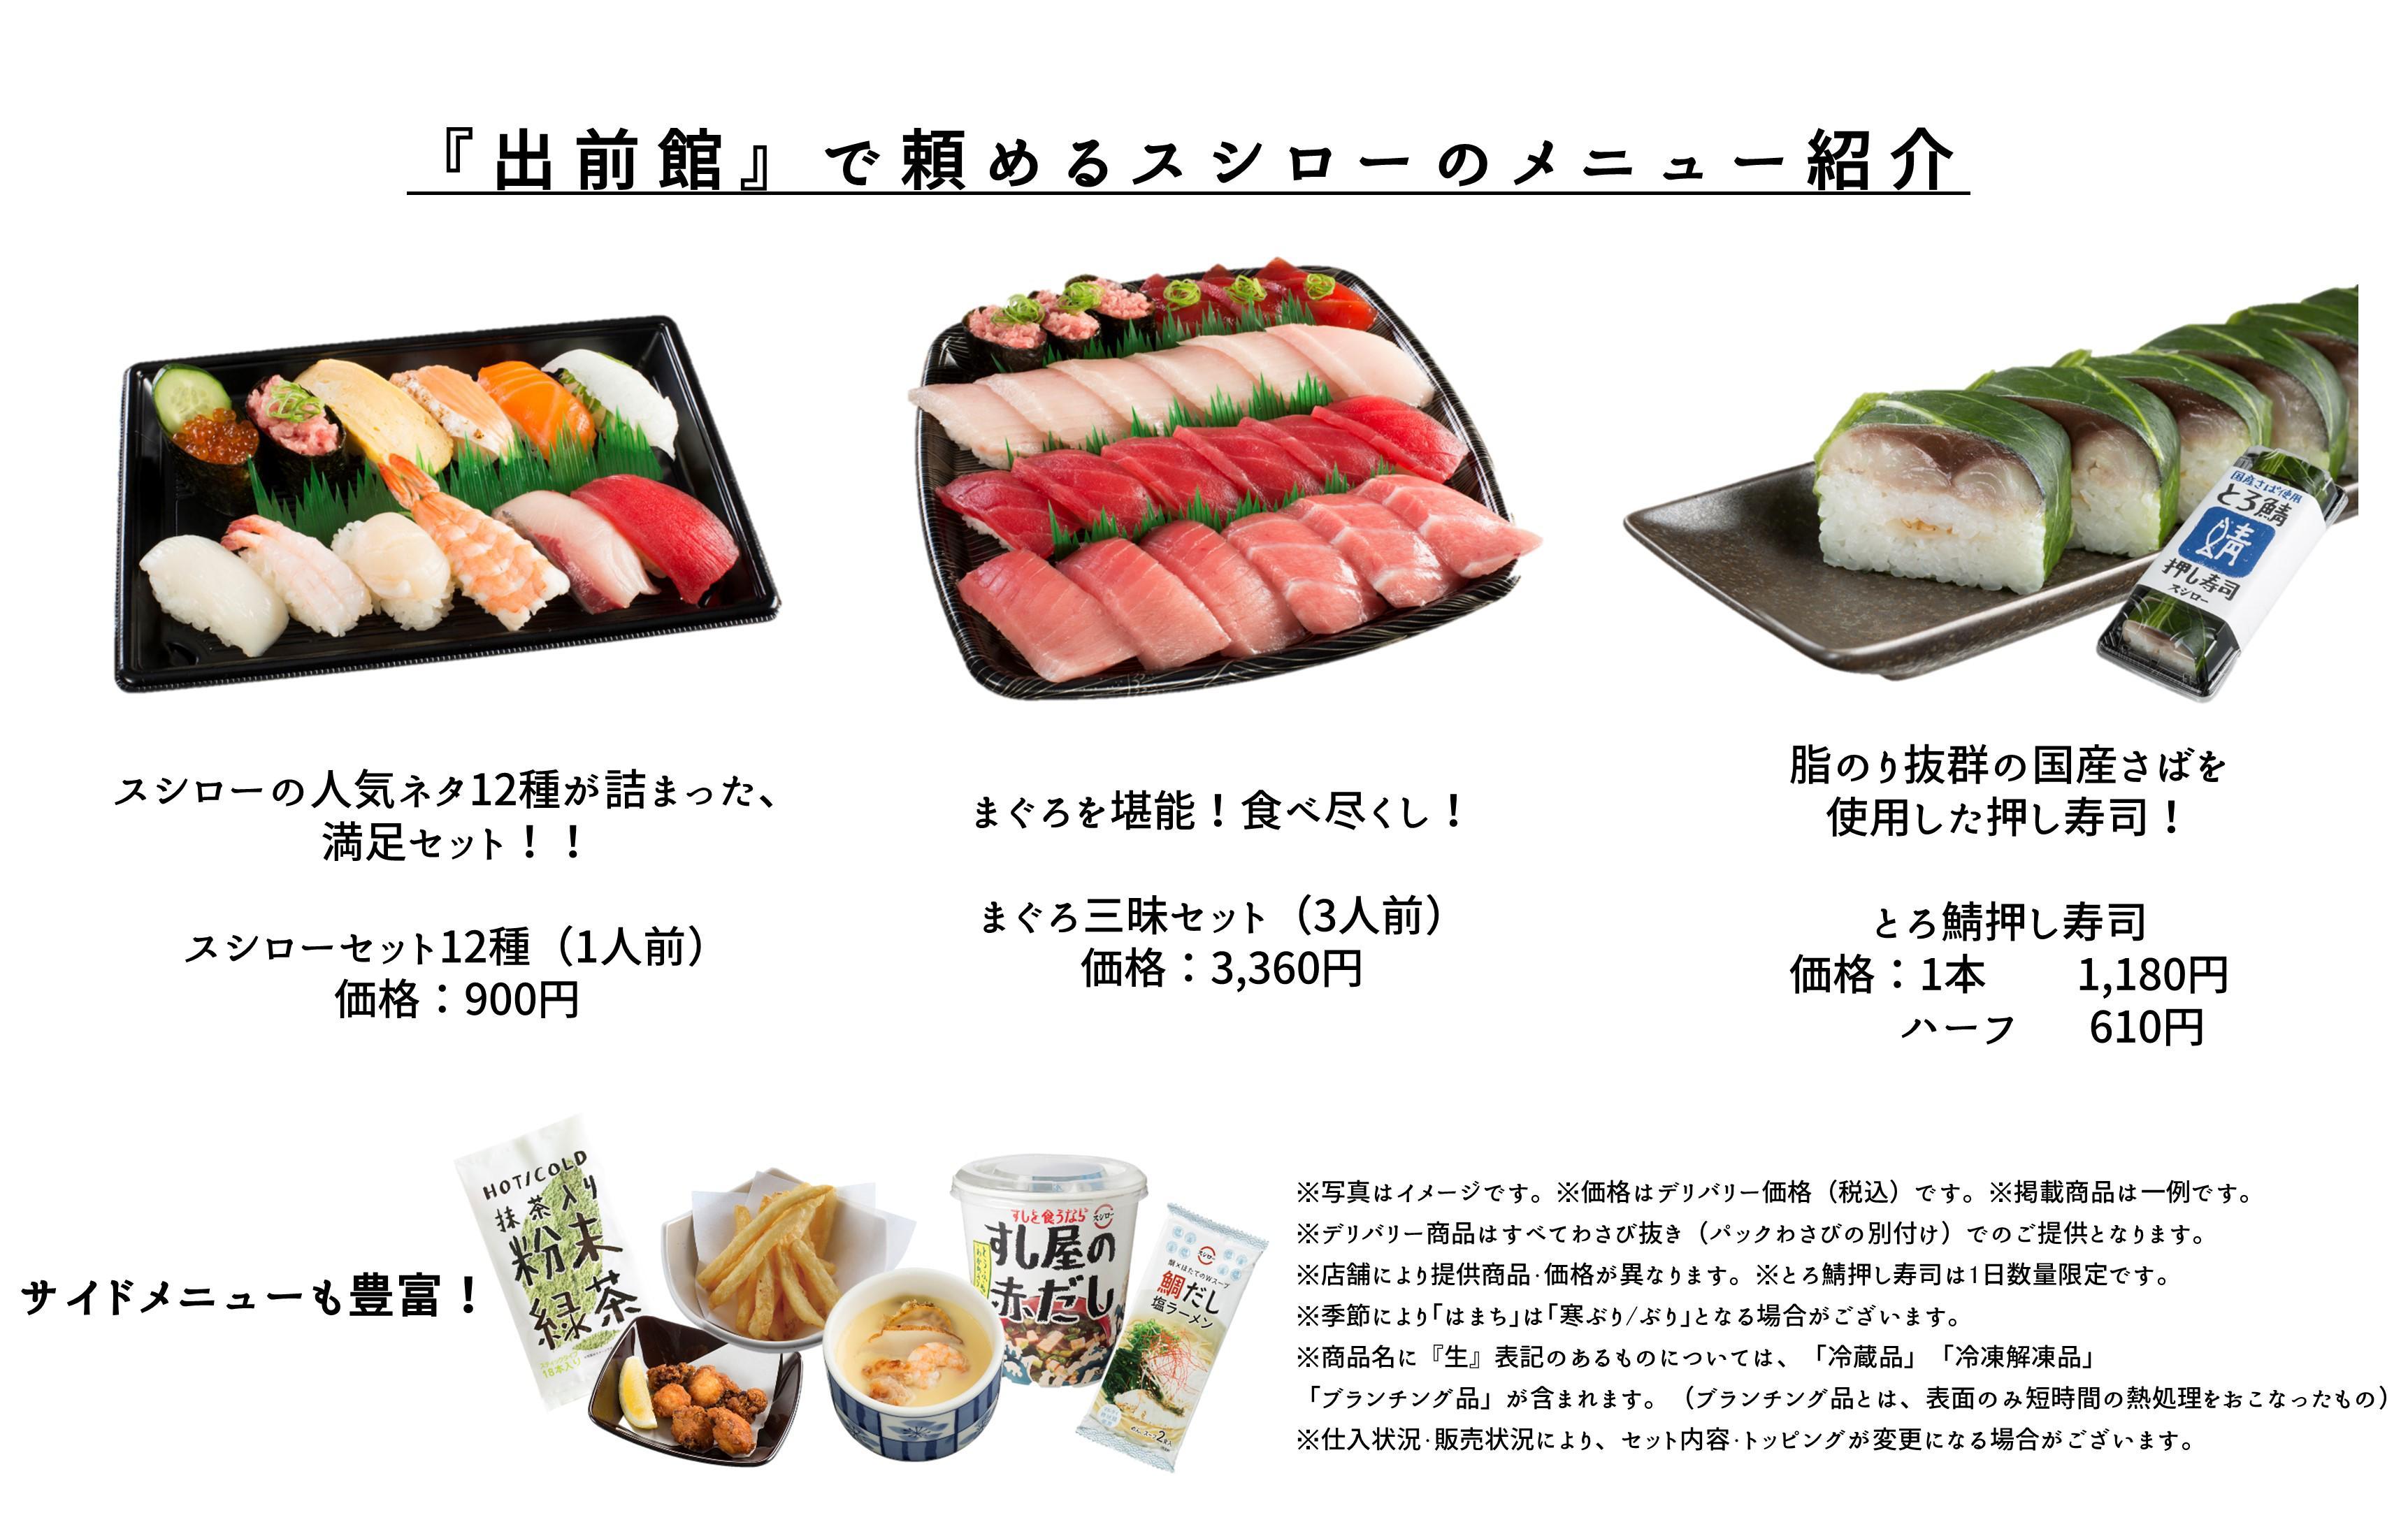 https://www.yumenomachi.co.jp/files/3123f5e23a5930df980e978904dc7d6c2a52097d.jpg